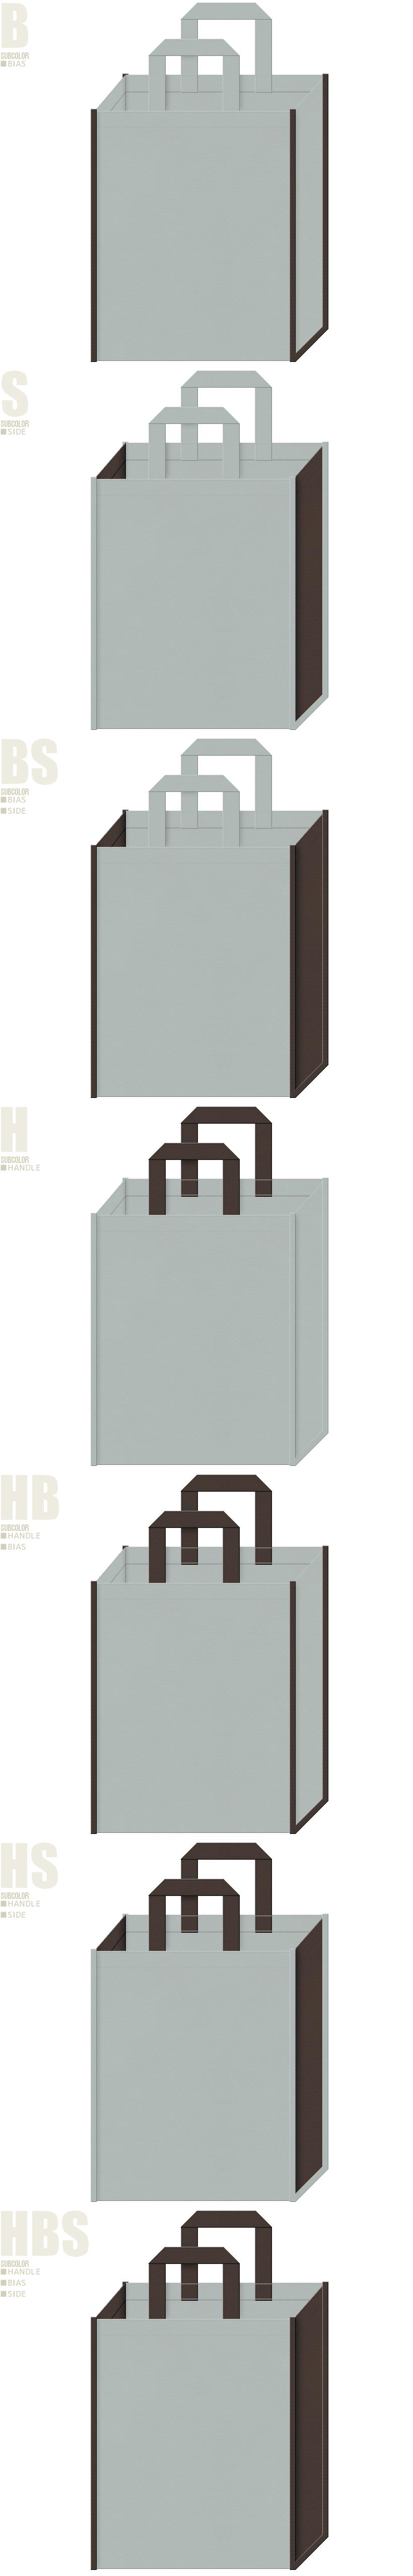 ネイル・カラコン・ウィッグ・サイ・ゾウ・ウルフ・学術セミナー・事務用品・建築・設計・図面・什器・店舗インテリア・エクステリア・マンション・オフィスビル・デベロッパー・ビルメンテナンス・住宅・不動産の展示会用バッグにお奨めの不織布バッグデザイン:グレー色とこげ茶色の配色7パターン